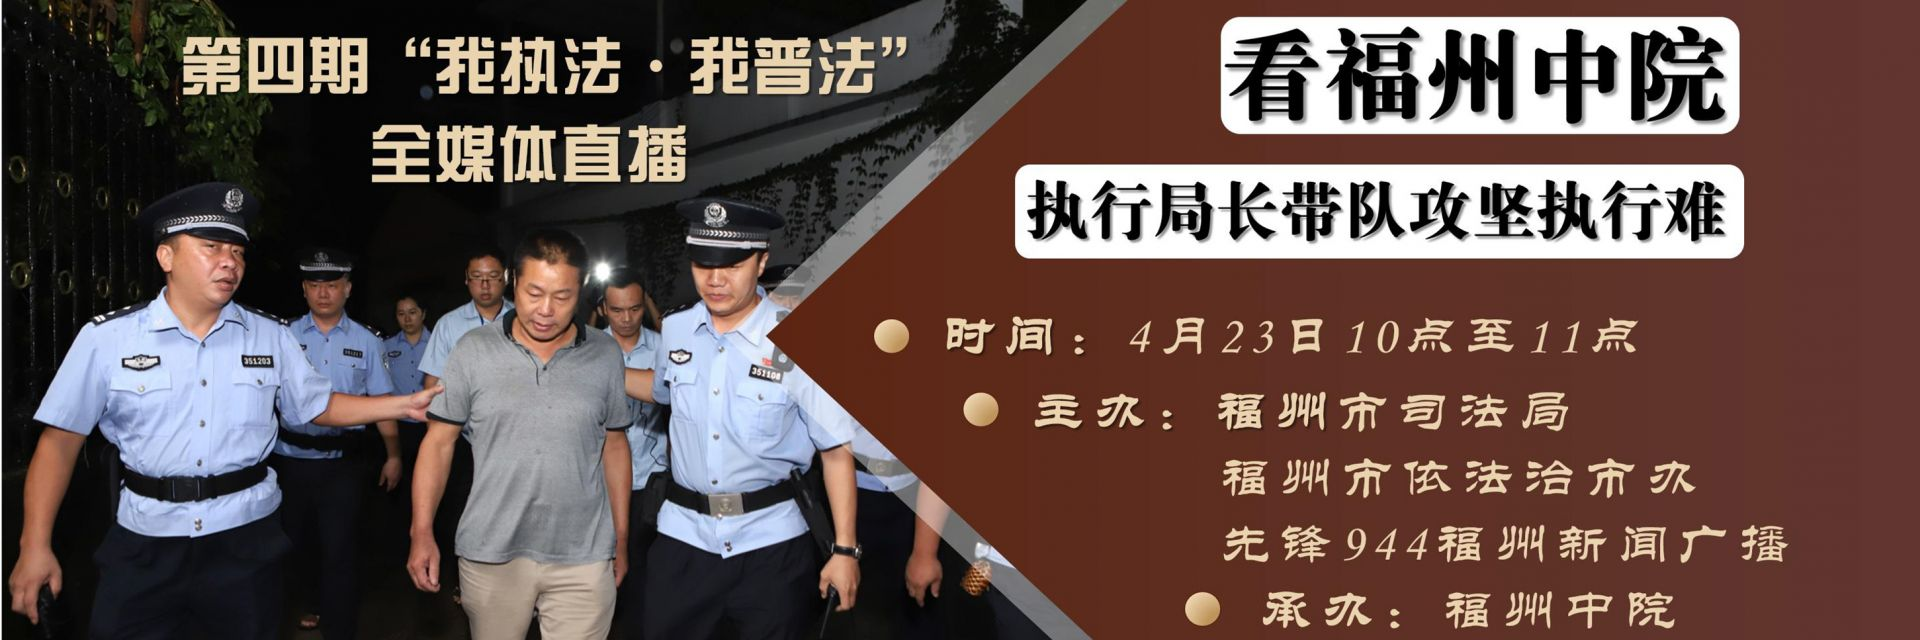 现场直播:看福州中院执行局长带队攻坚执行难